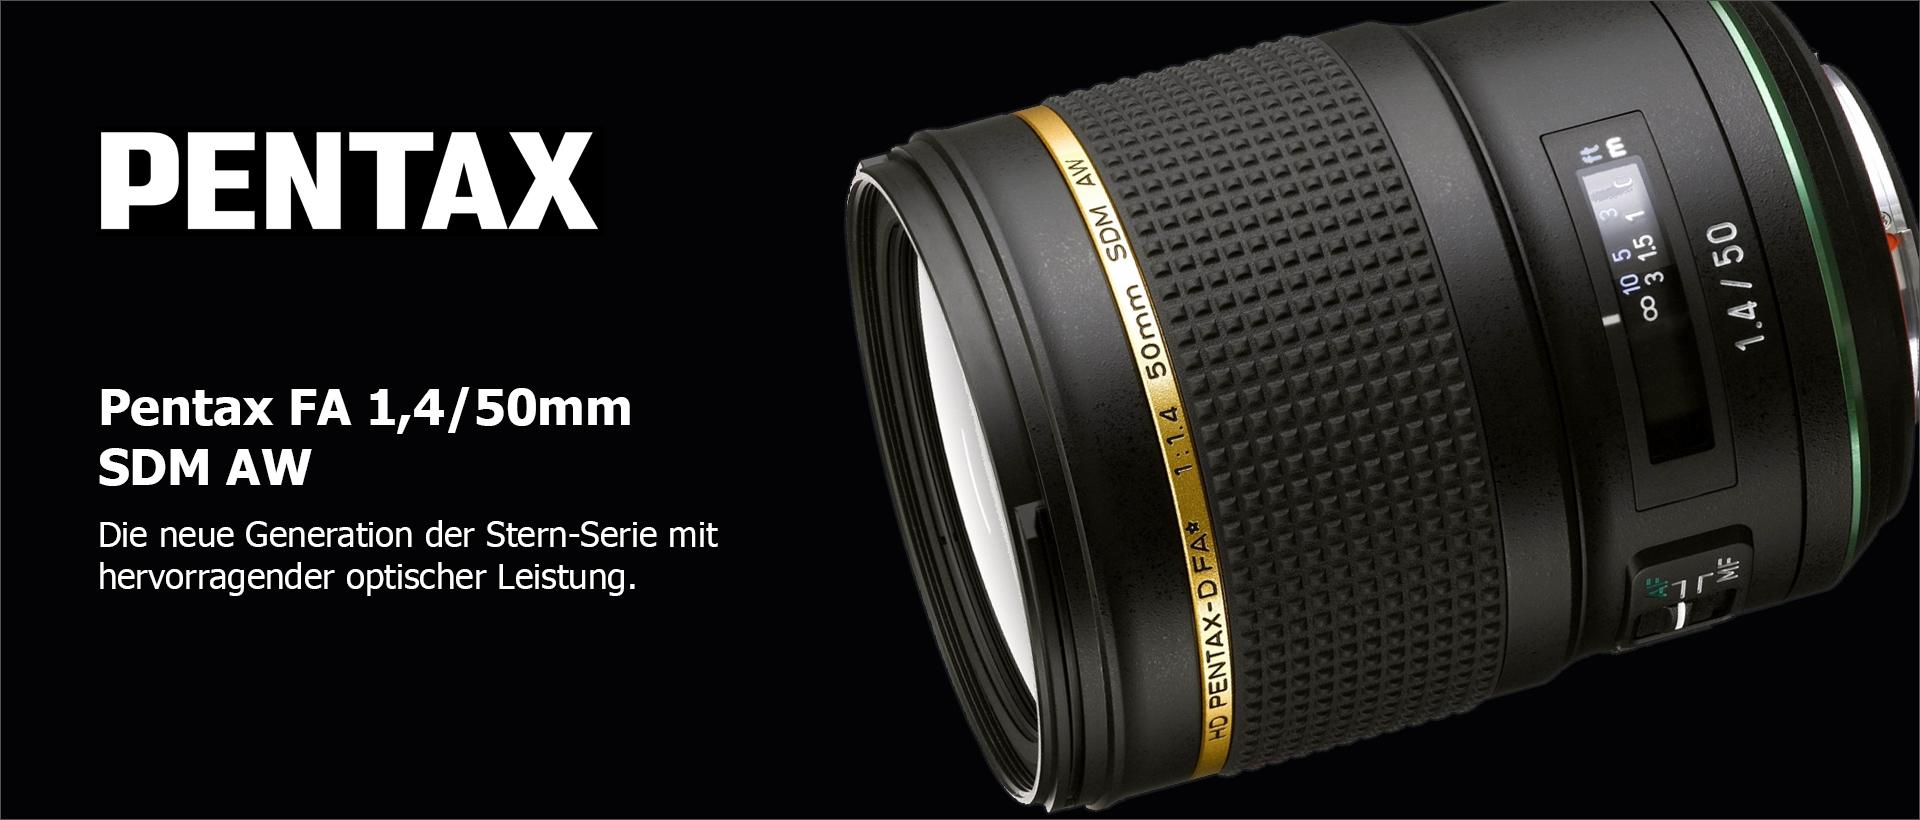 Pentax FA 1,4/50mm SDM AW